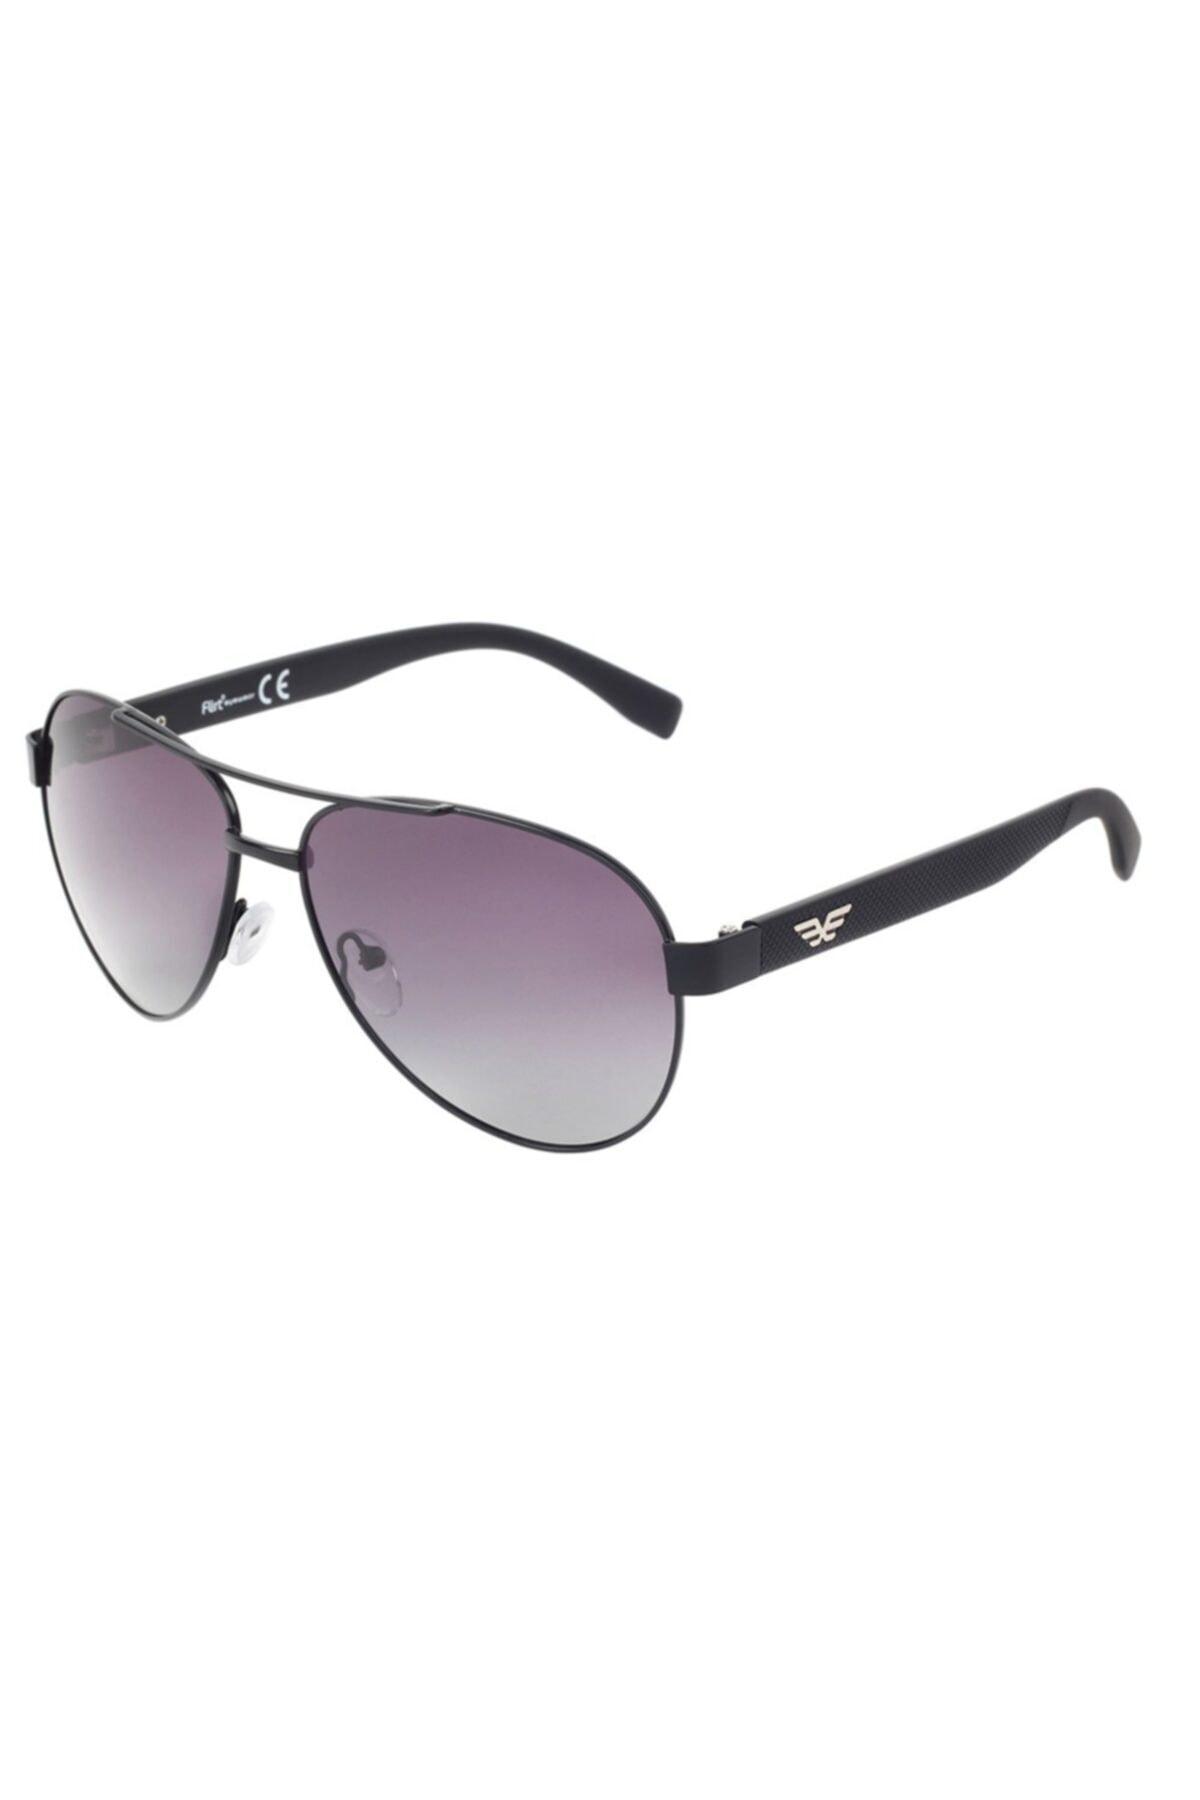 خرید اینترنتی عینک آفتابی مردانه از استانبول برند Flirt رنگ مشکی کد ty68136843